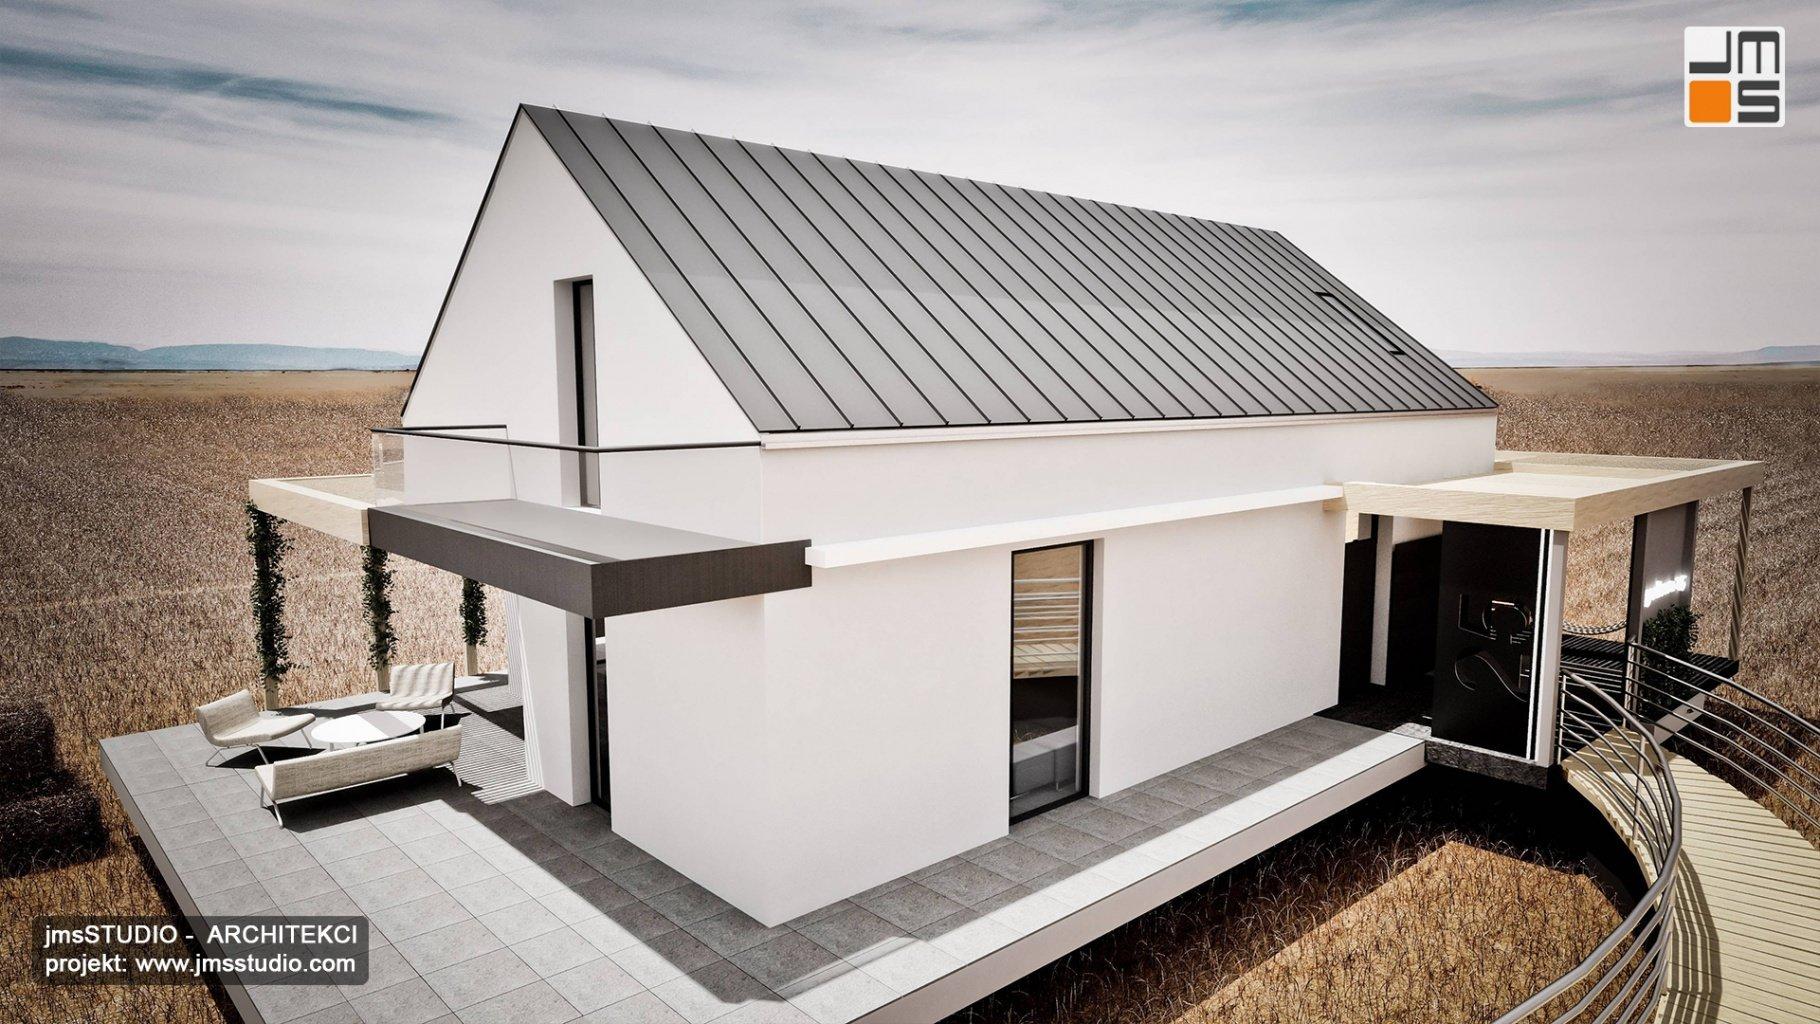 projekt domu modułowego z prostą elewacja w jasnych kolorach i ciekawym wejściem pomostem